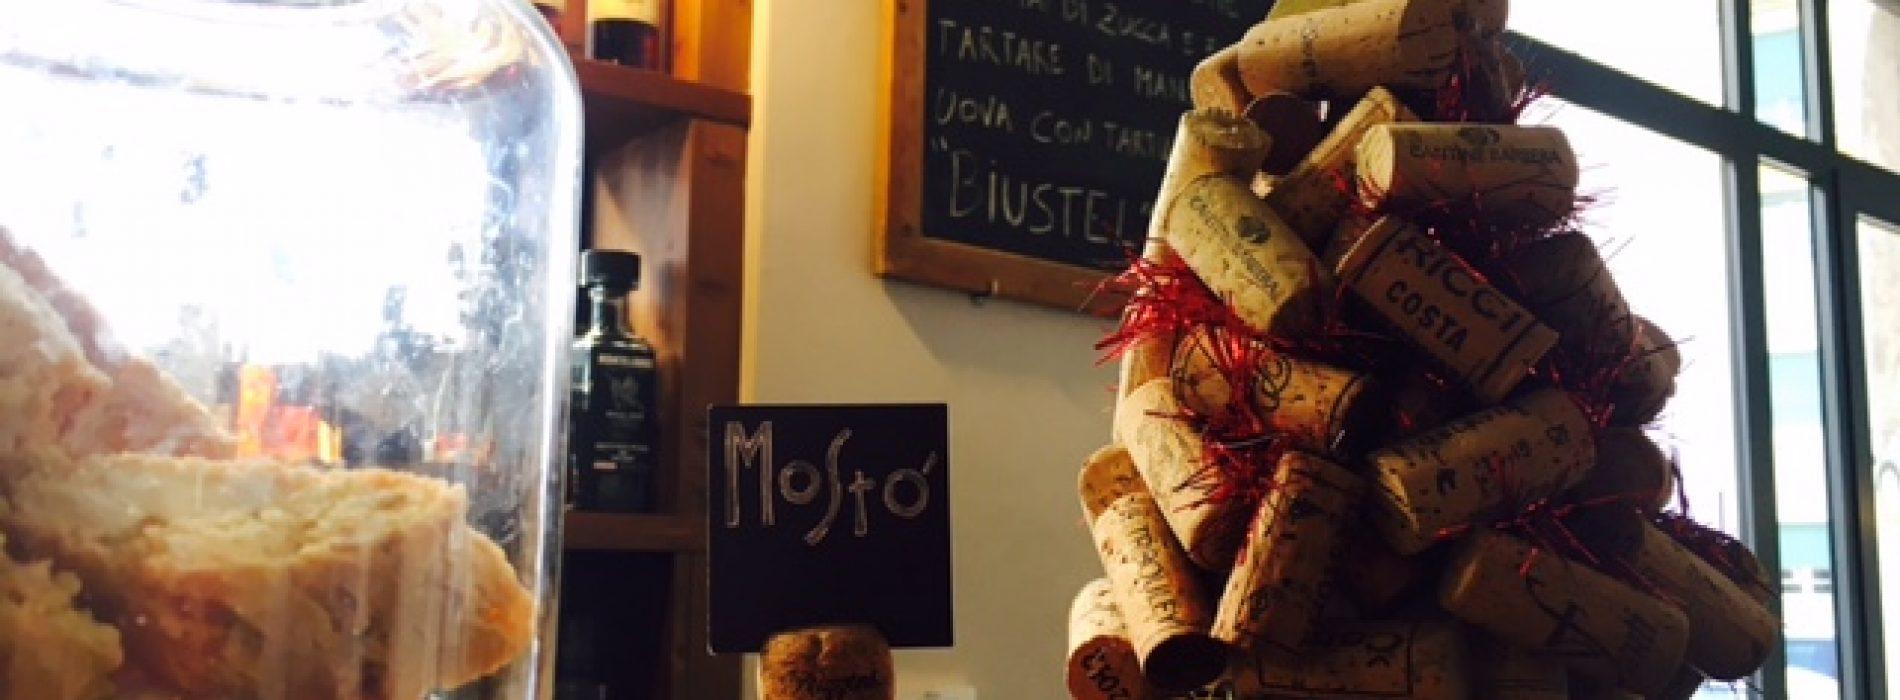 I vini da abbinare a panettone e pandoro, cinque bottiglie per Natale 2016